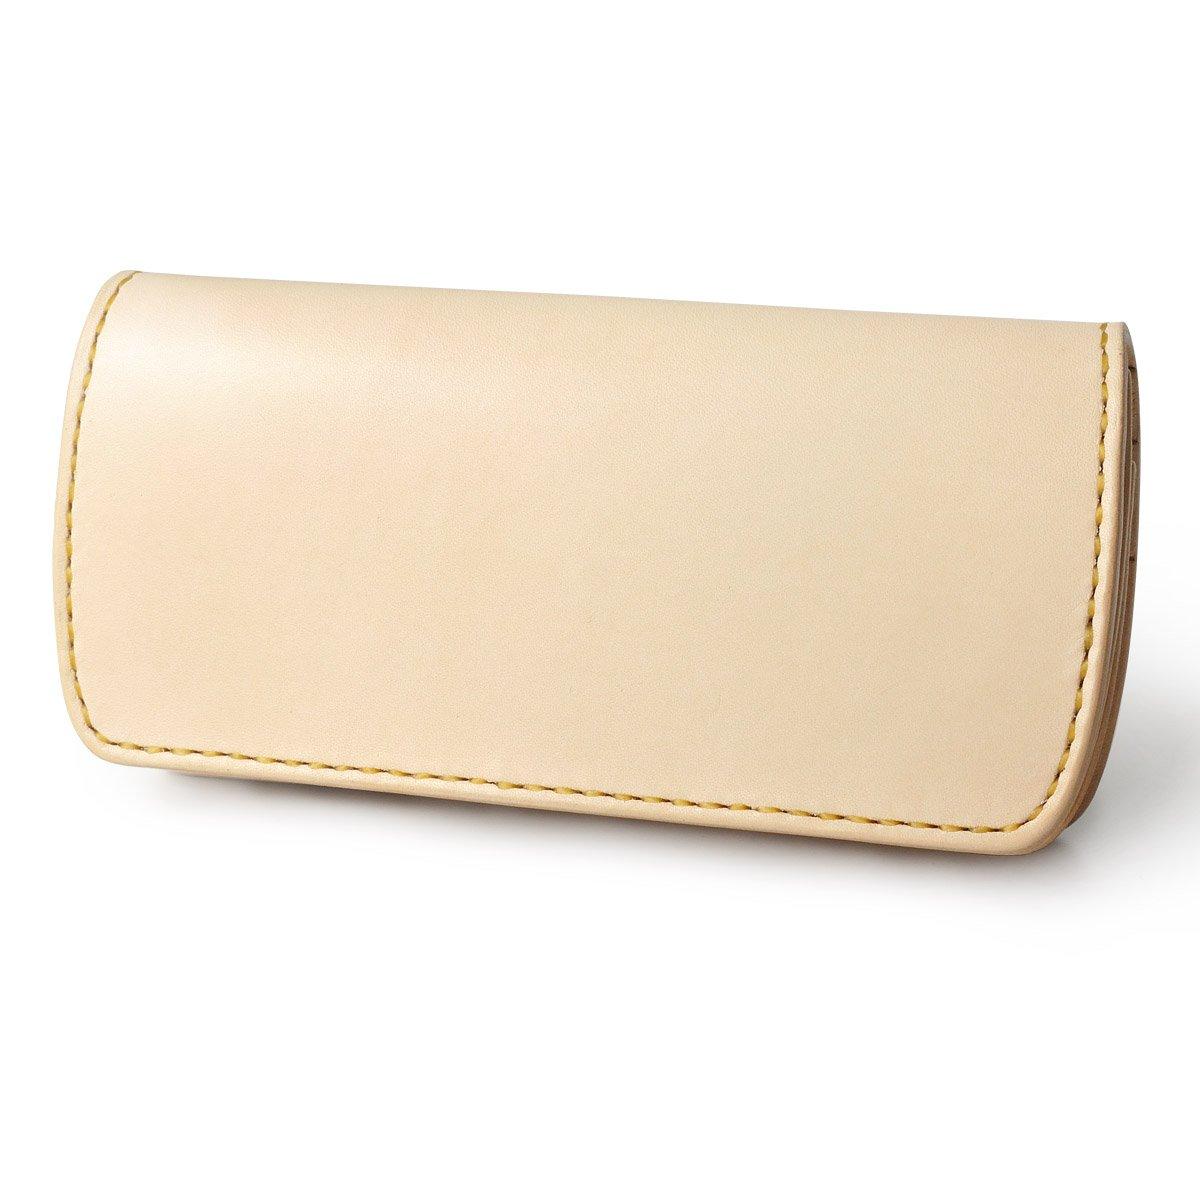 ロングウォレット A-2 フラップレス 革財布 サドルベーシック サドルレザー ハンドメイド B0111B9XS6 ドロップハンドル(真鍮色)|ナチュラル ナチュラル ドロップハンドル(真鍮色)